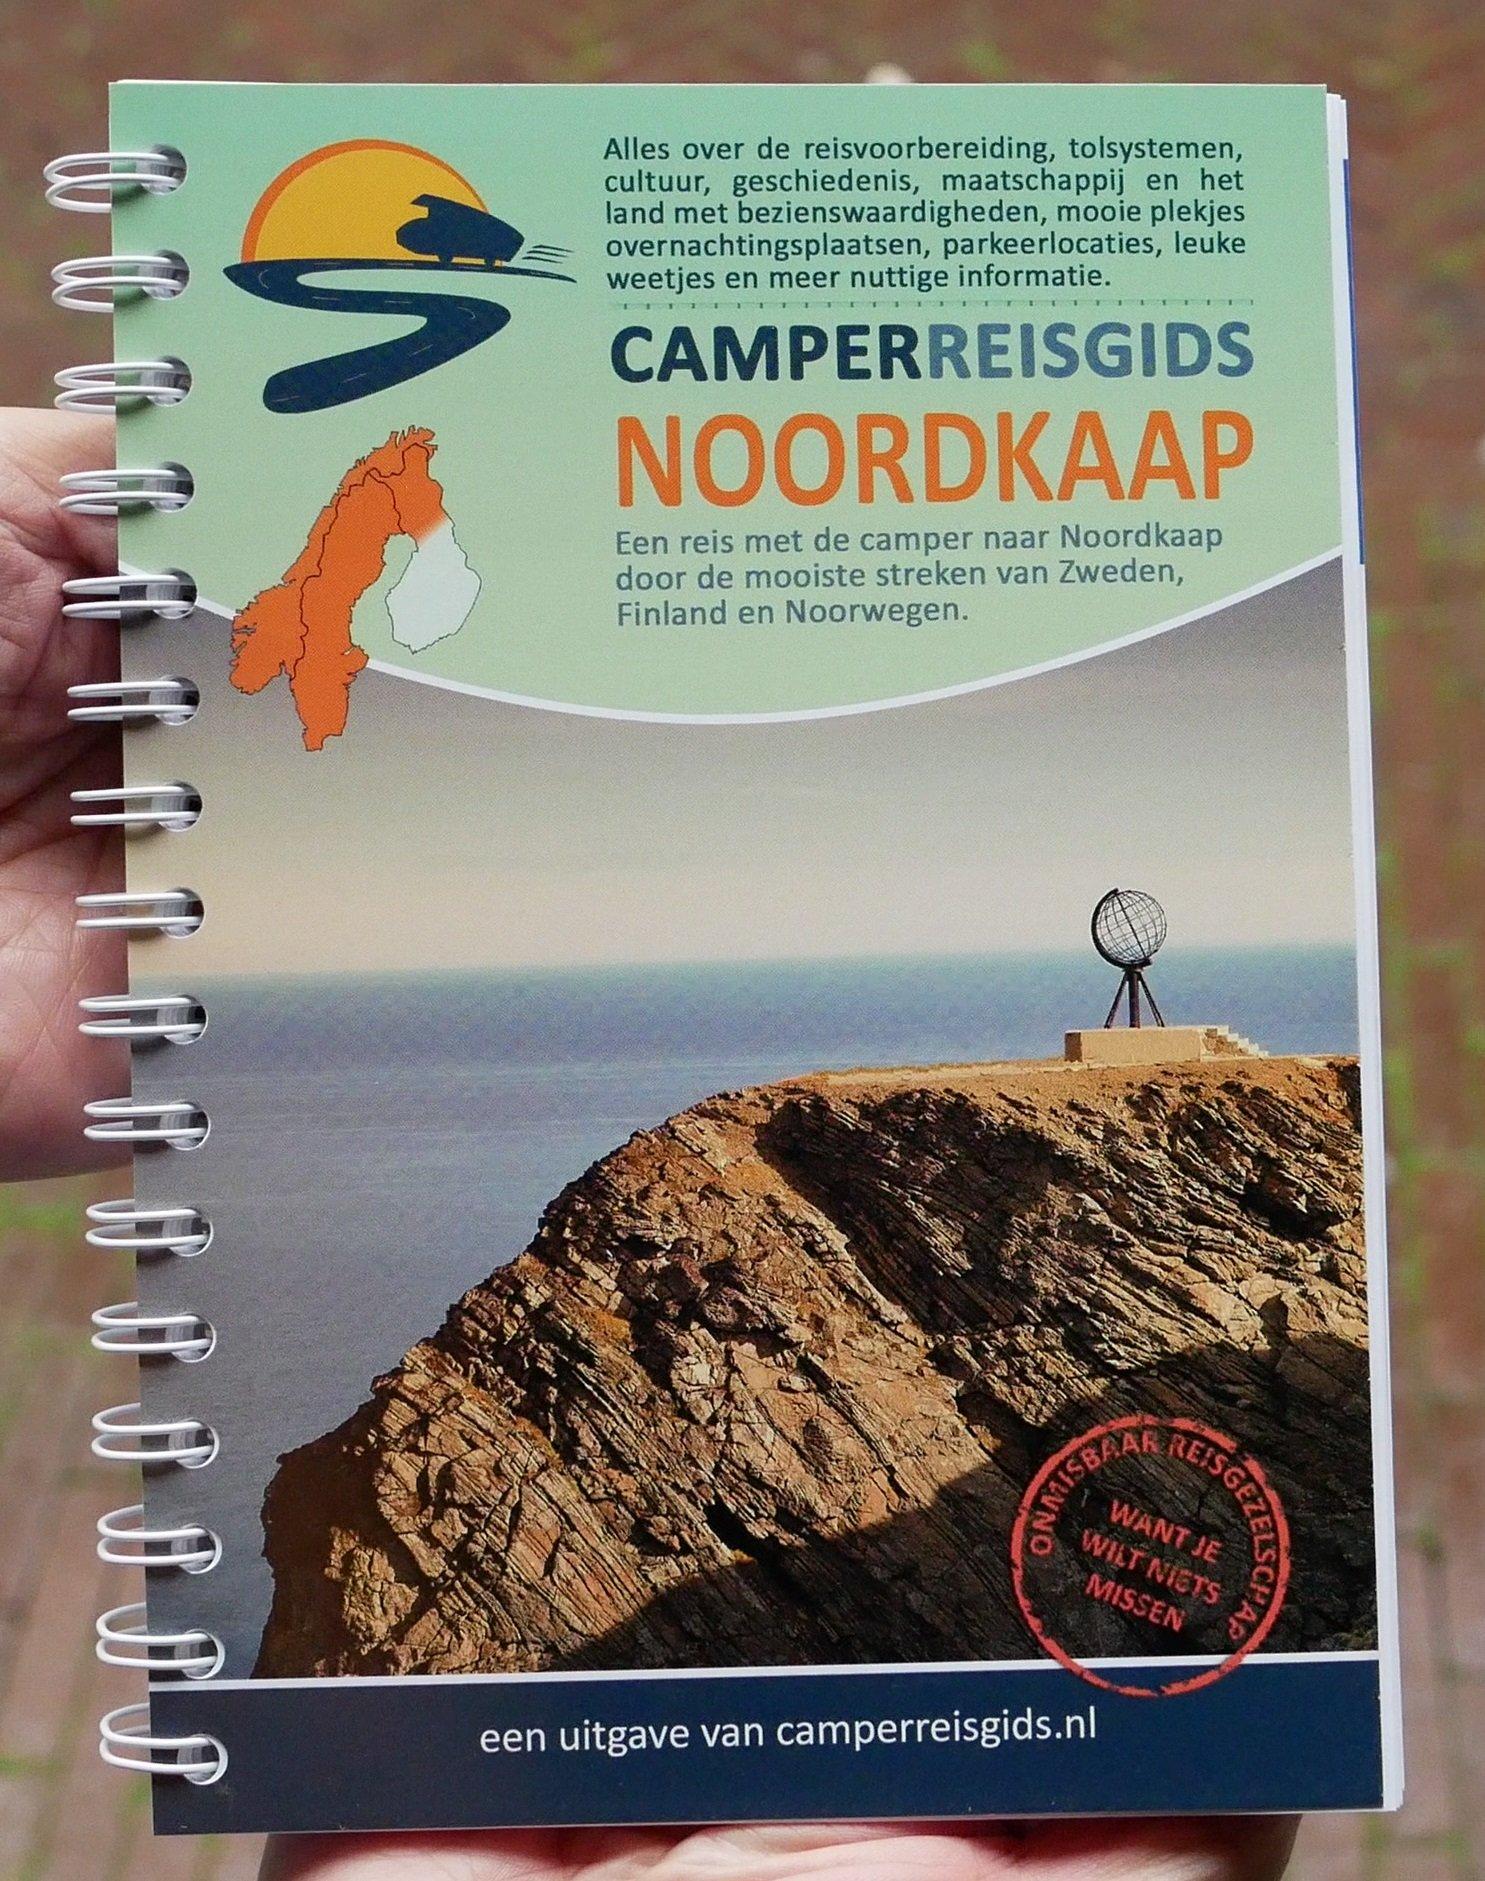 Camperreisgids Noordkaap 9789082077865 Rob Smits Rob Smits   Campinggidsen, Op reis met je camper, Reisgidsen Scandinavië & de Baltische Staten